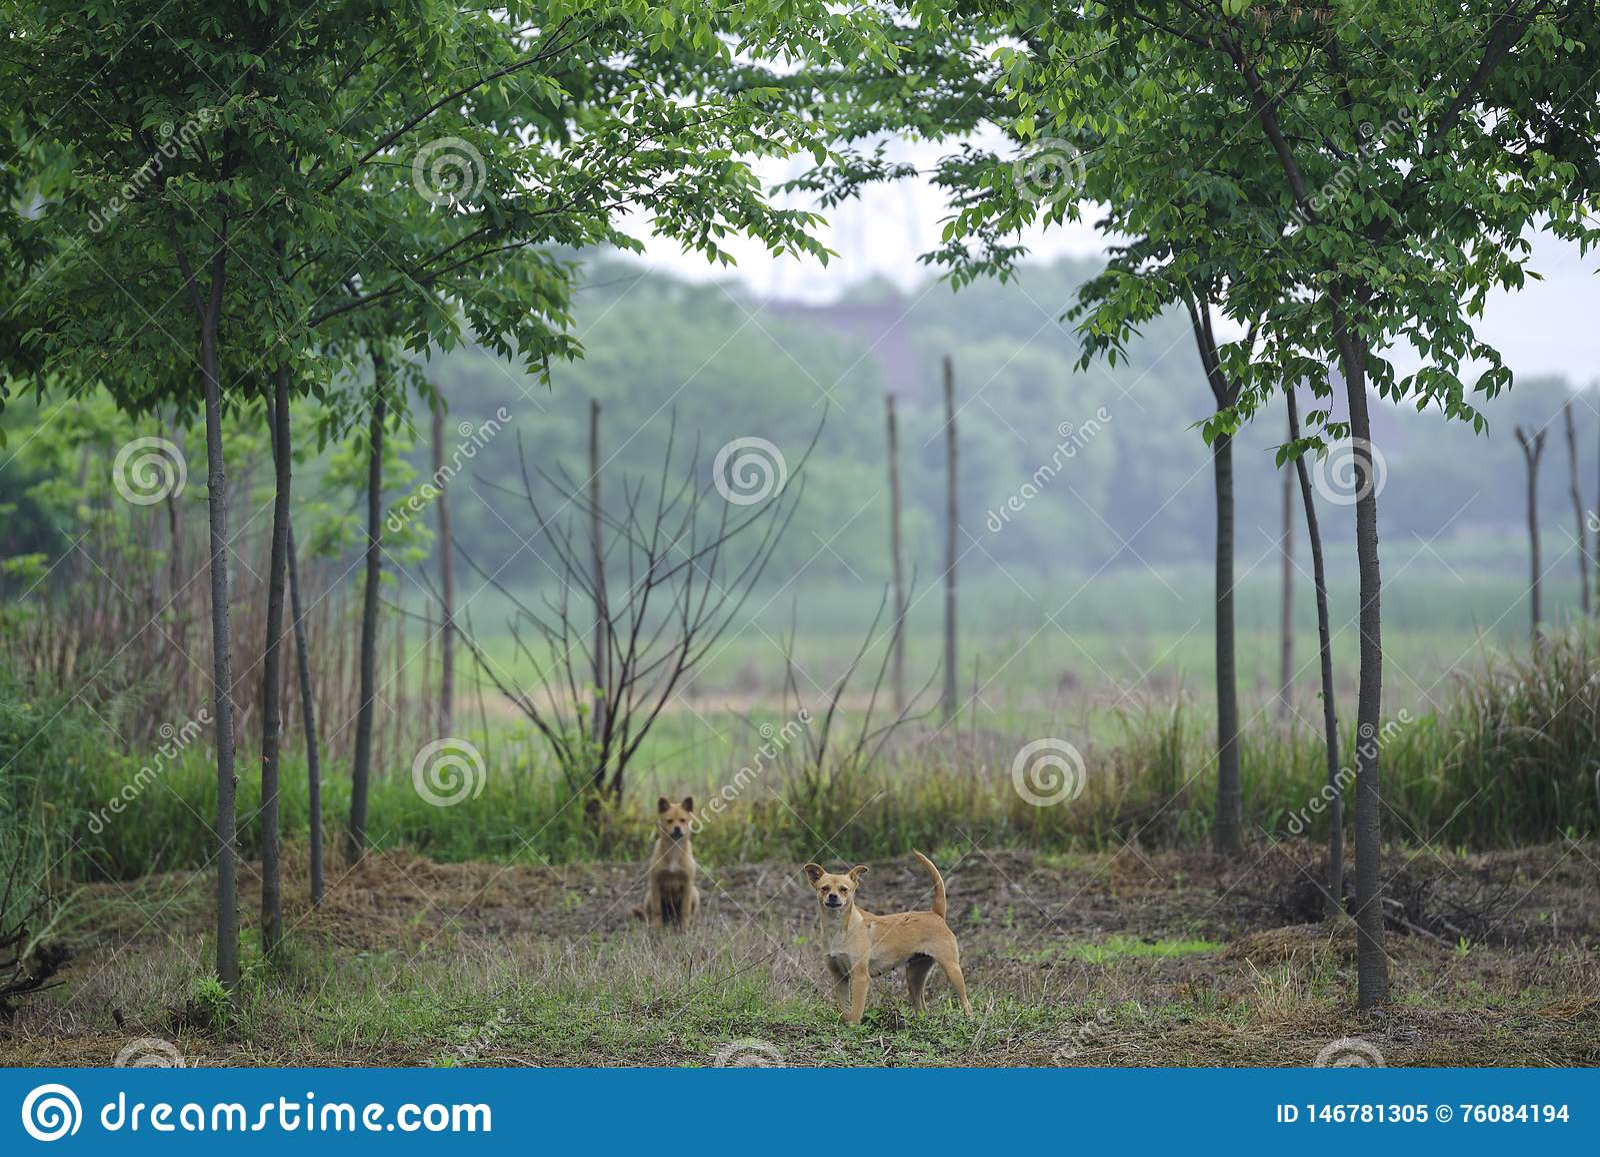 Δύο σκυλιά στη δασώδη περιοχή